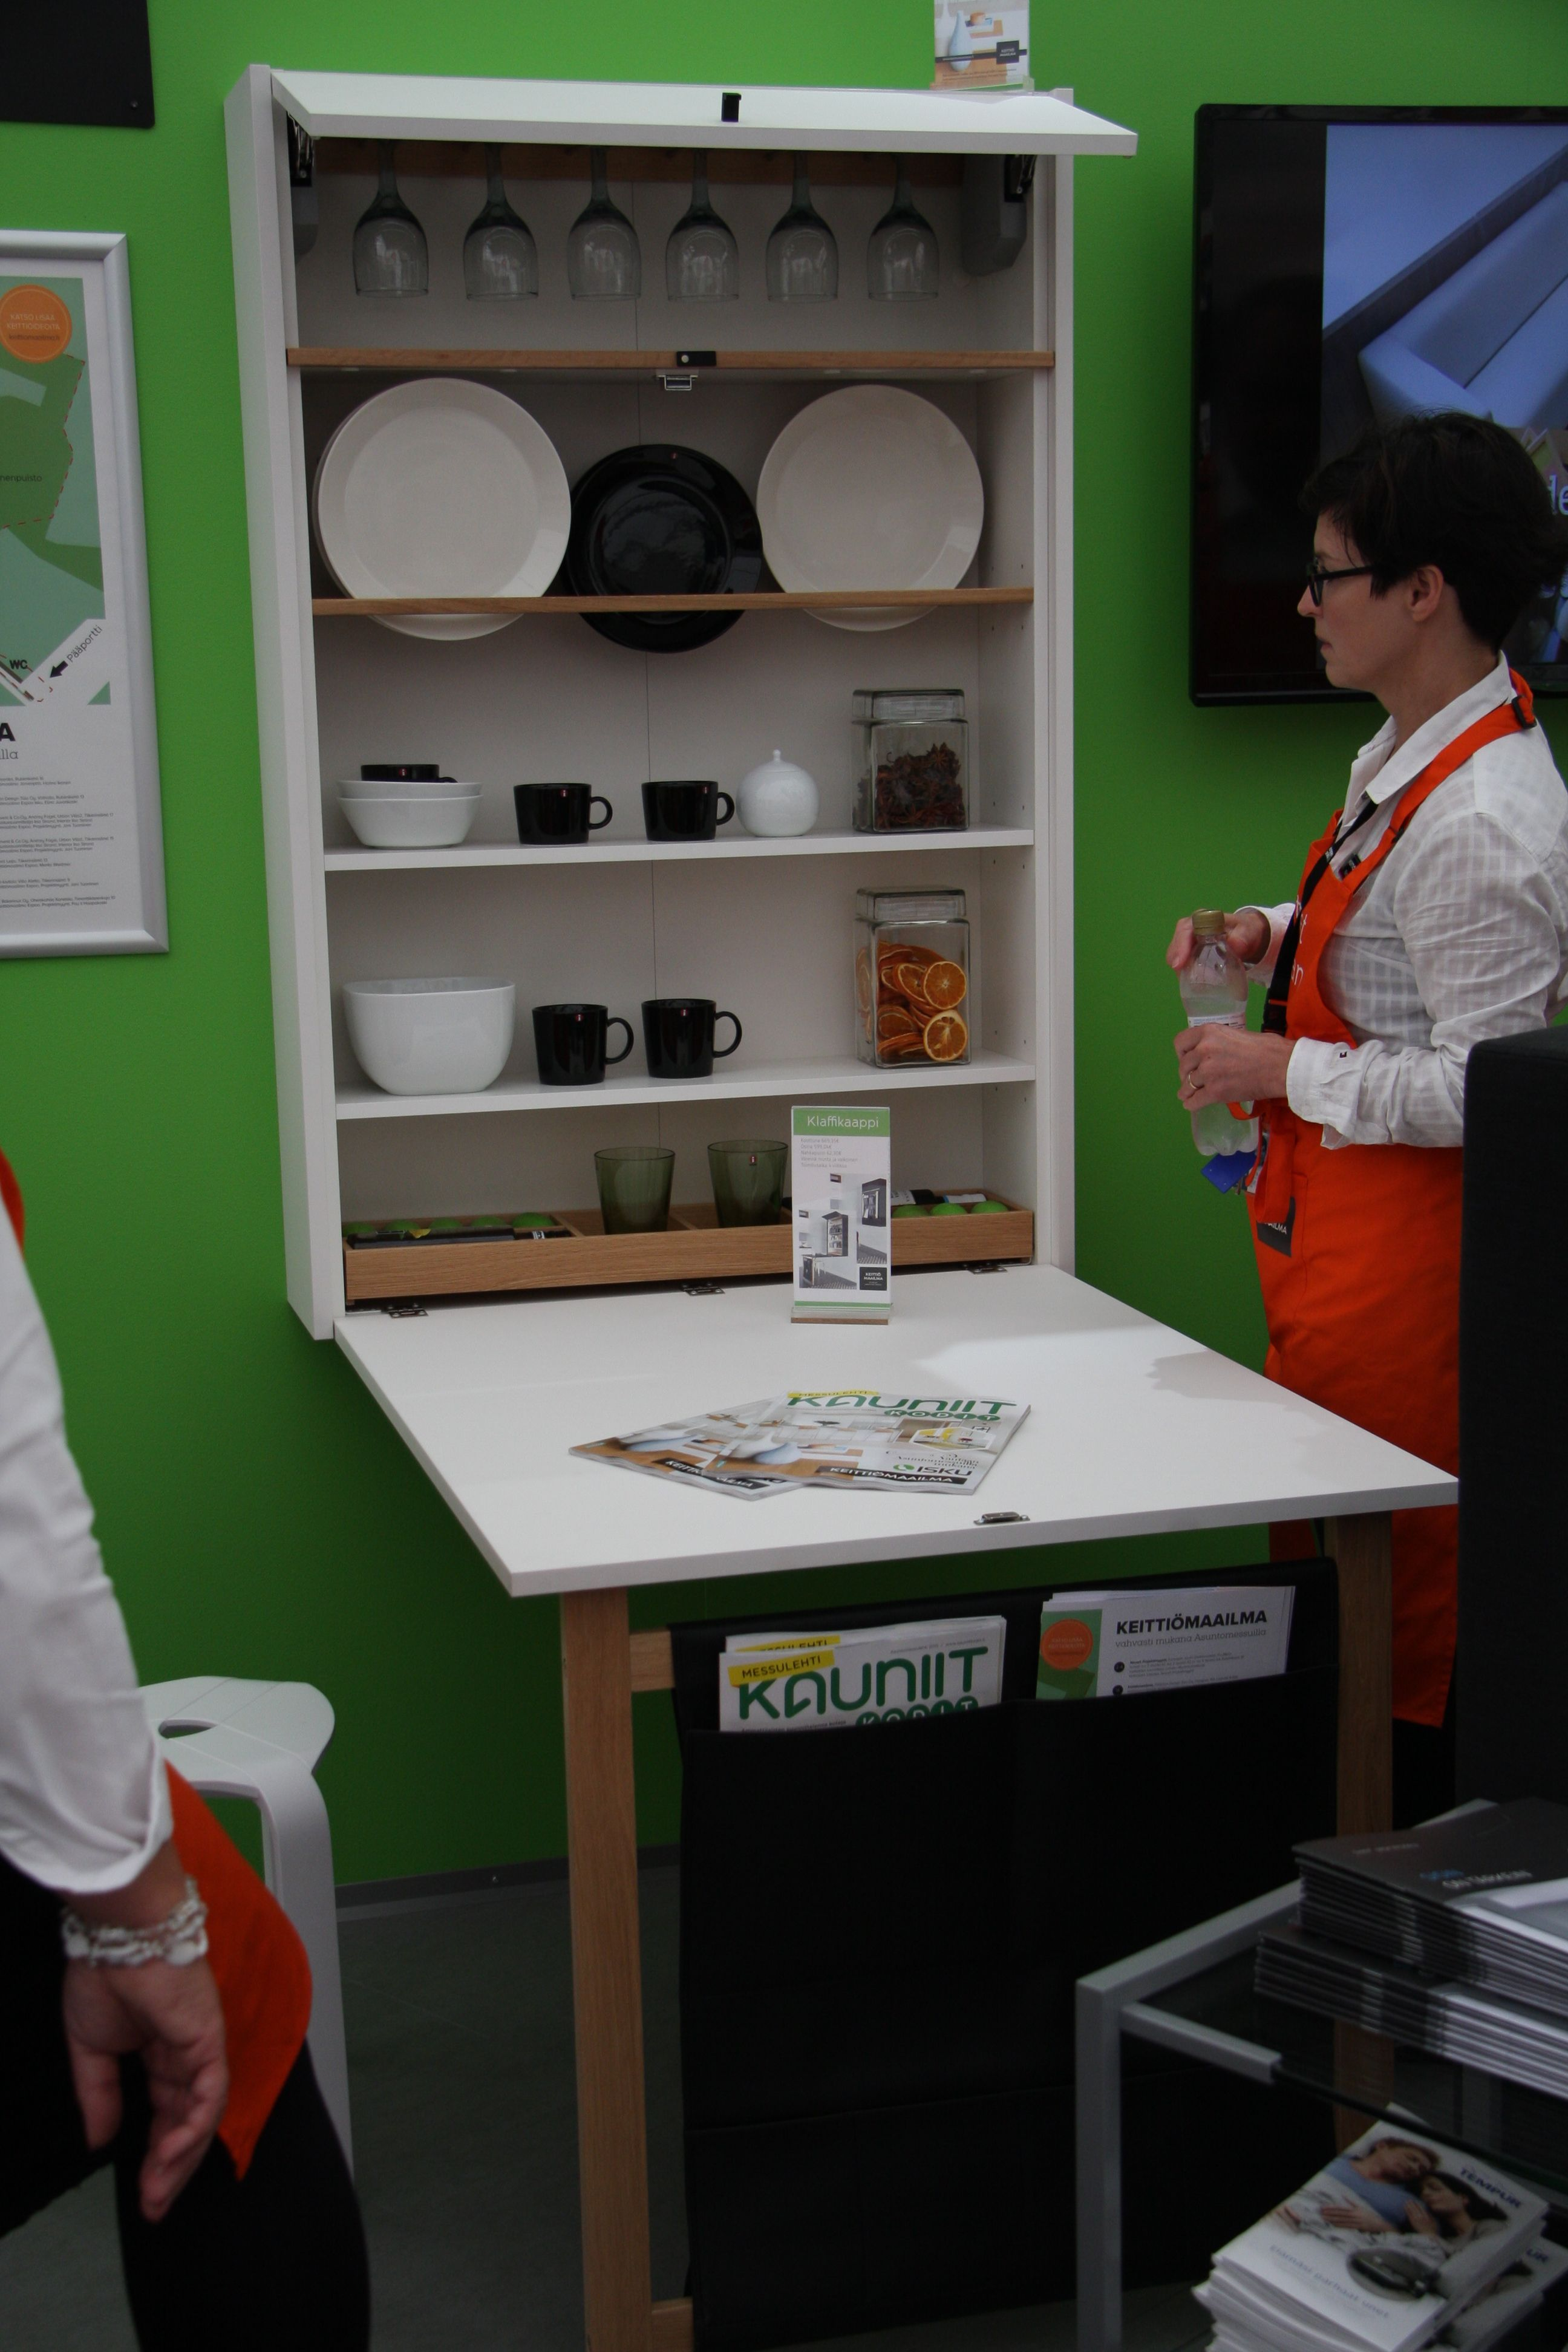 Keittiömaailma Asuntomessuosastoa 2015. Käytännöllinen pienen tilan ratkaisu - klaffikaappi. #size0kitchen #asuntomessut2015